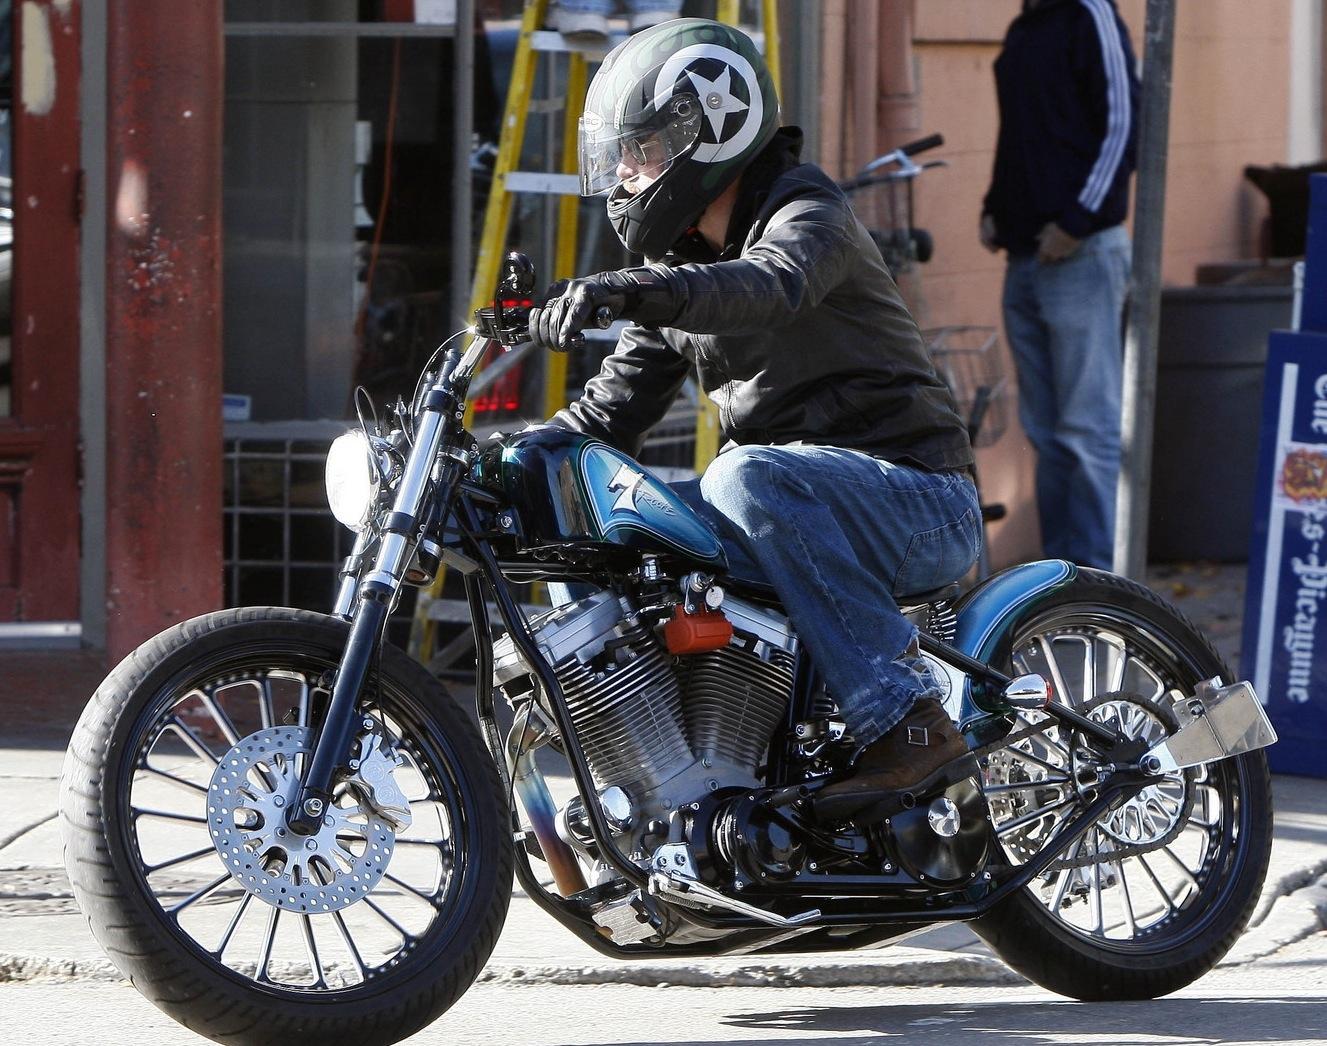 http://1.bp.blogspot.com/_ibXW_rTlkBk/TVBUS61I5kI/AAAAAAAAAq4/0v2BvnpCx8I/s1600/brad-pitt-rides-new-custom-motorcycle3.jpg